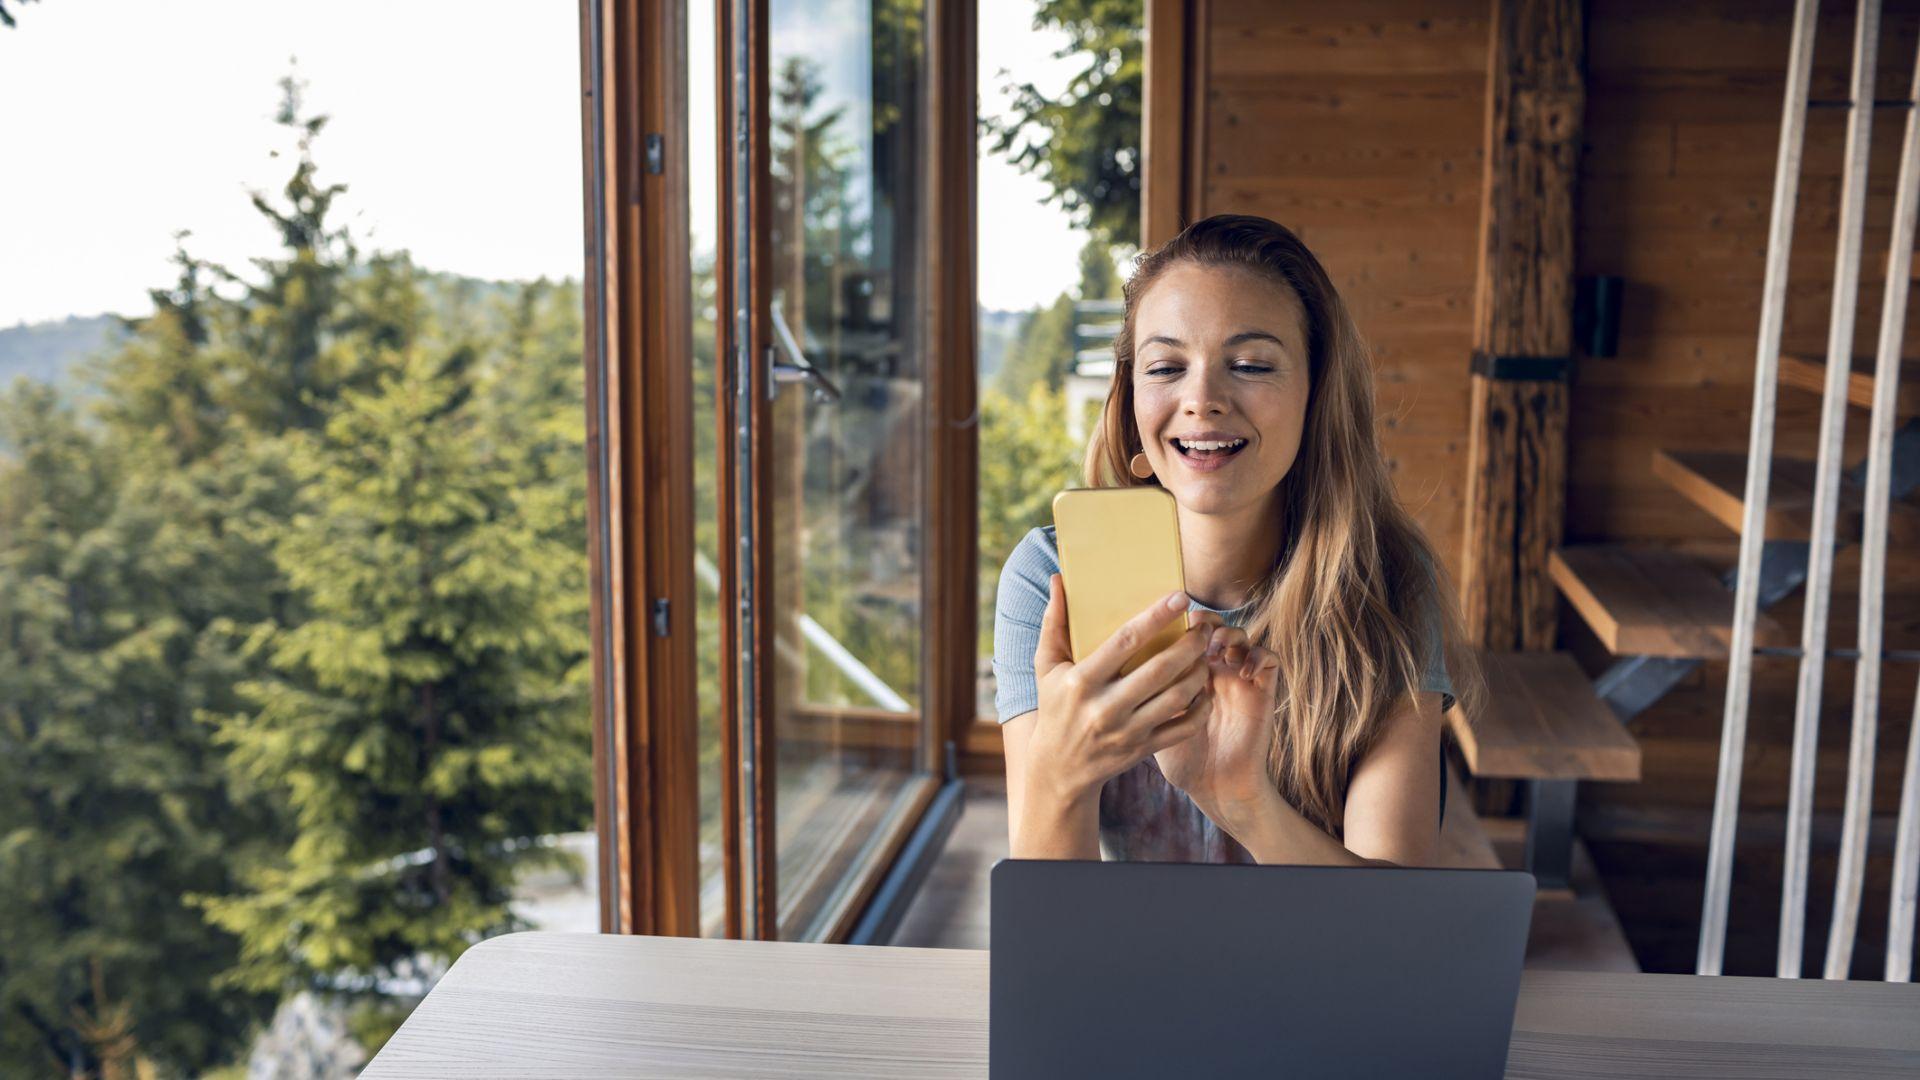 Бързият интернет дава възможност да работите от всяко място, което на практика значи повече свободно време